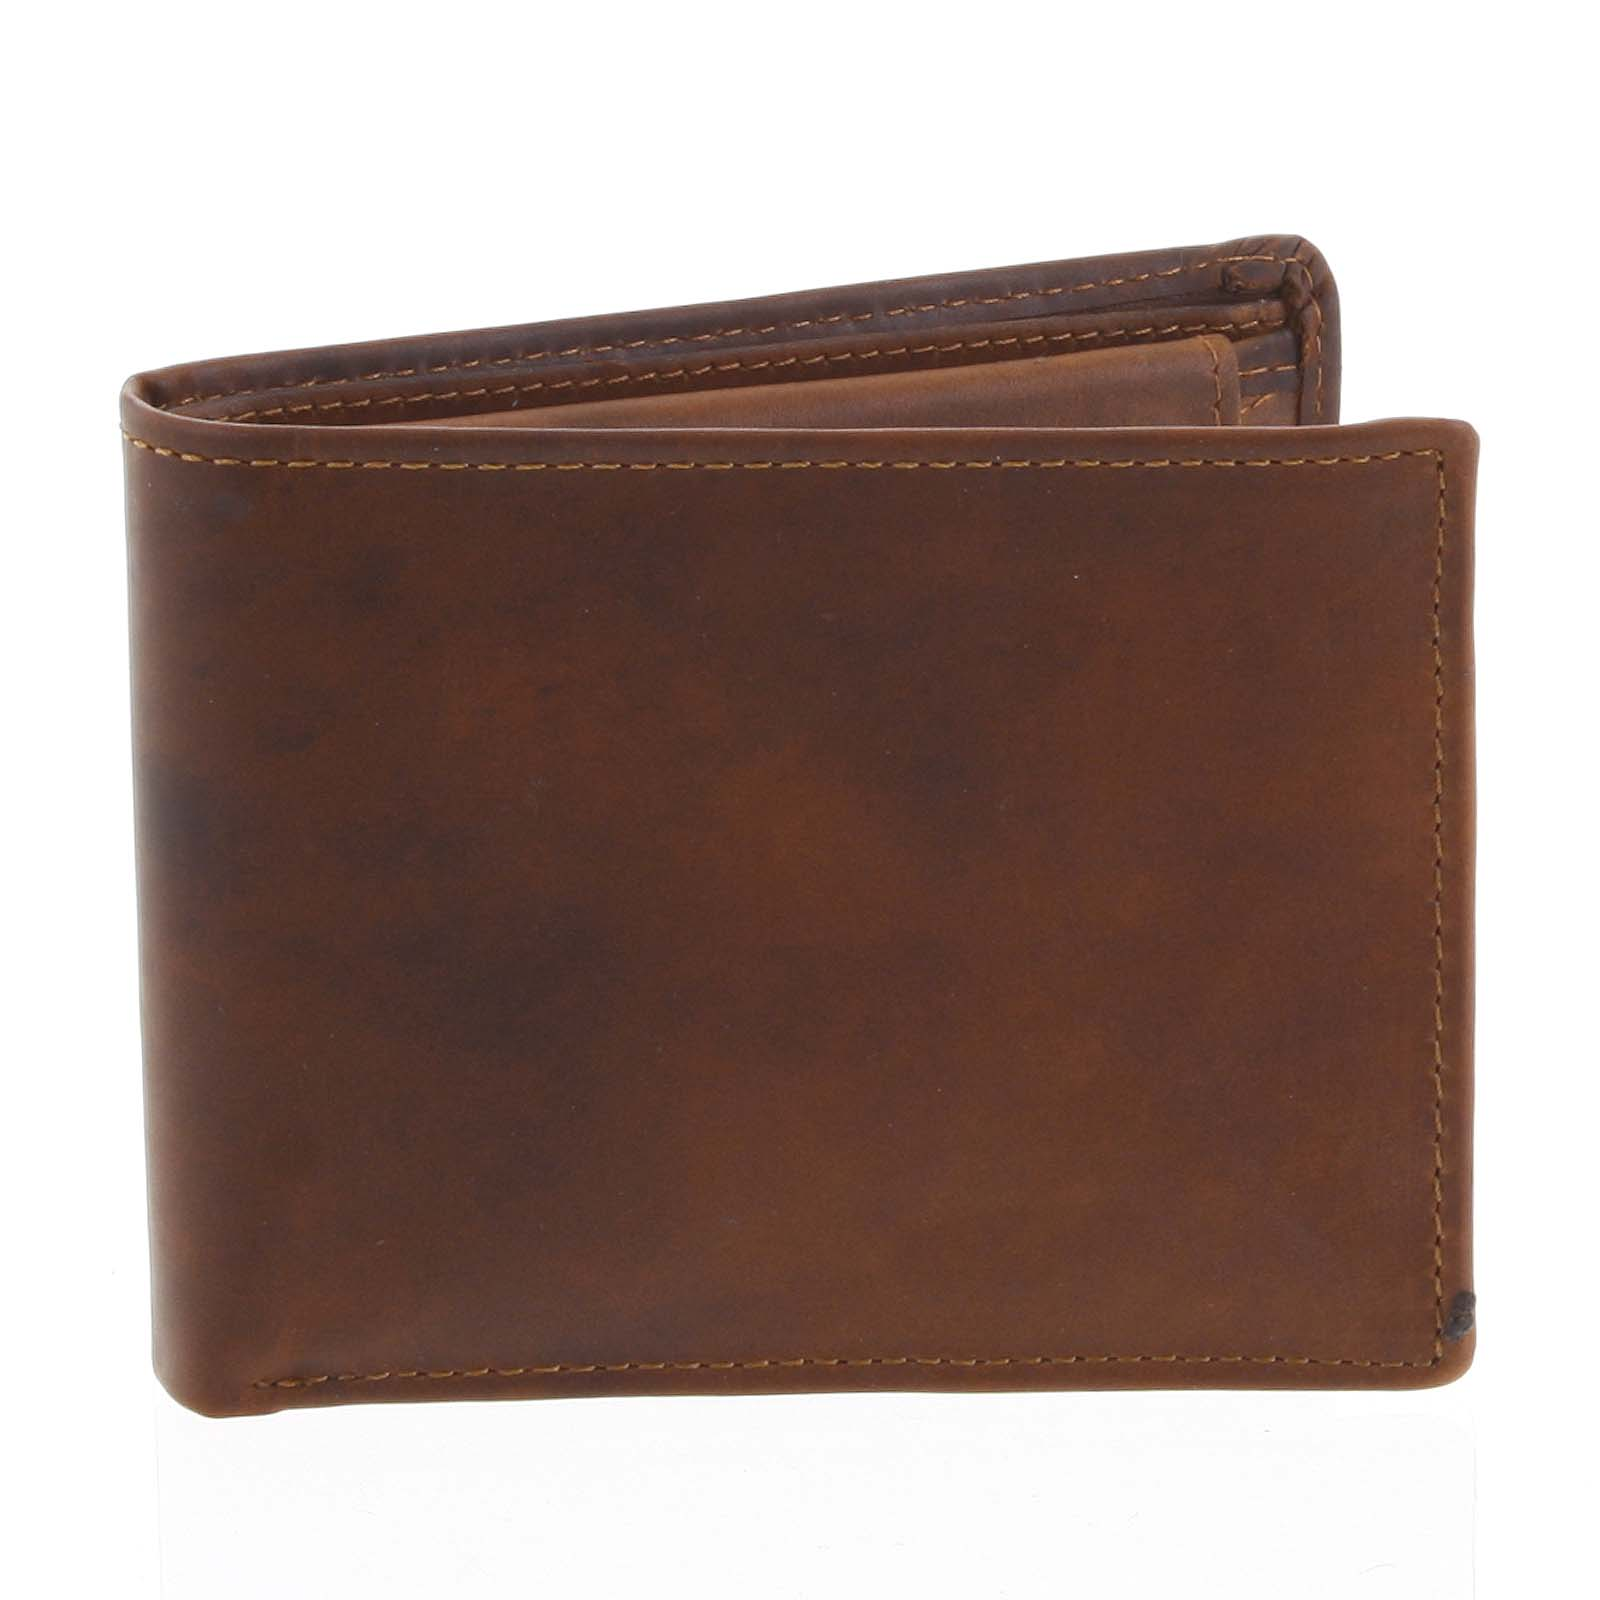 Pánska kožená peňaženka hnedá - Tomas Bushel